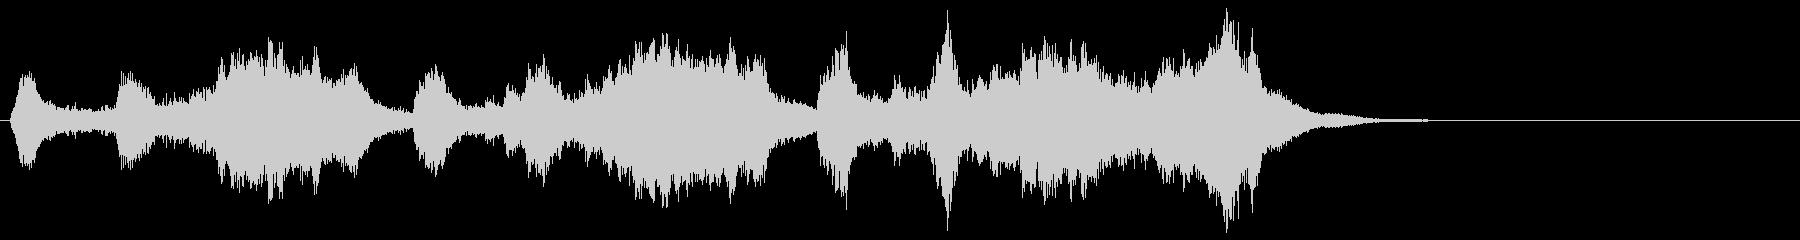 トランペットの高らかなファンファーレの未再生の波形